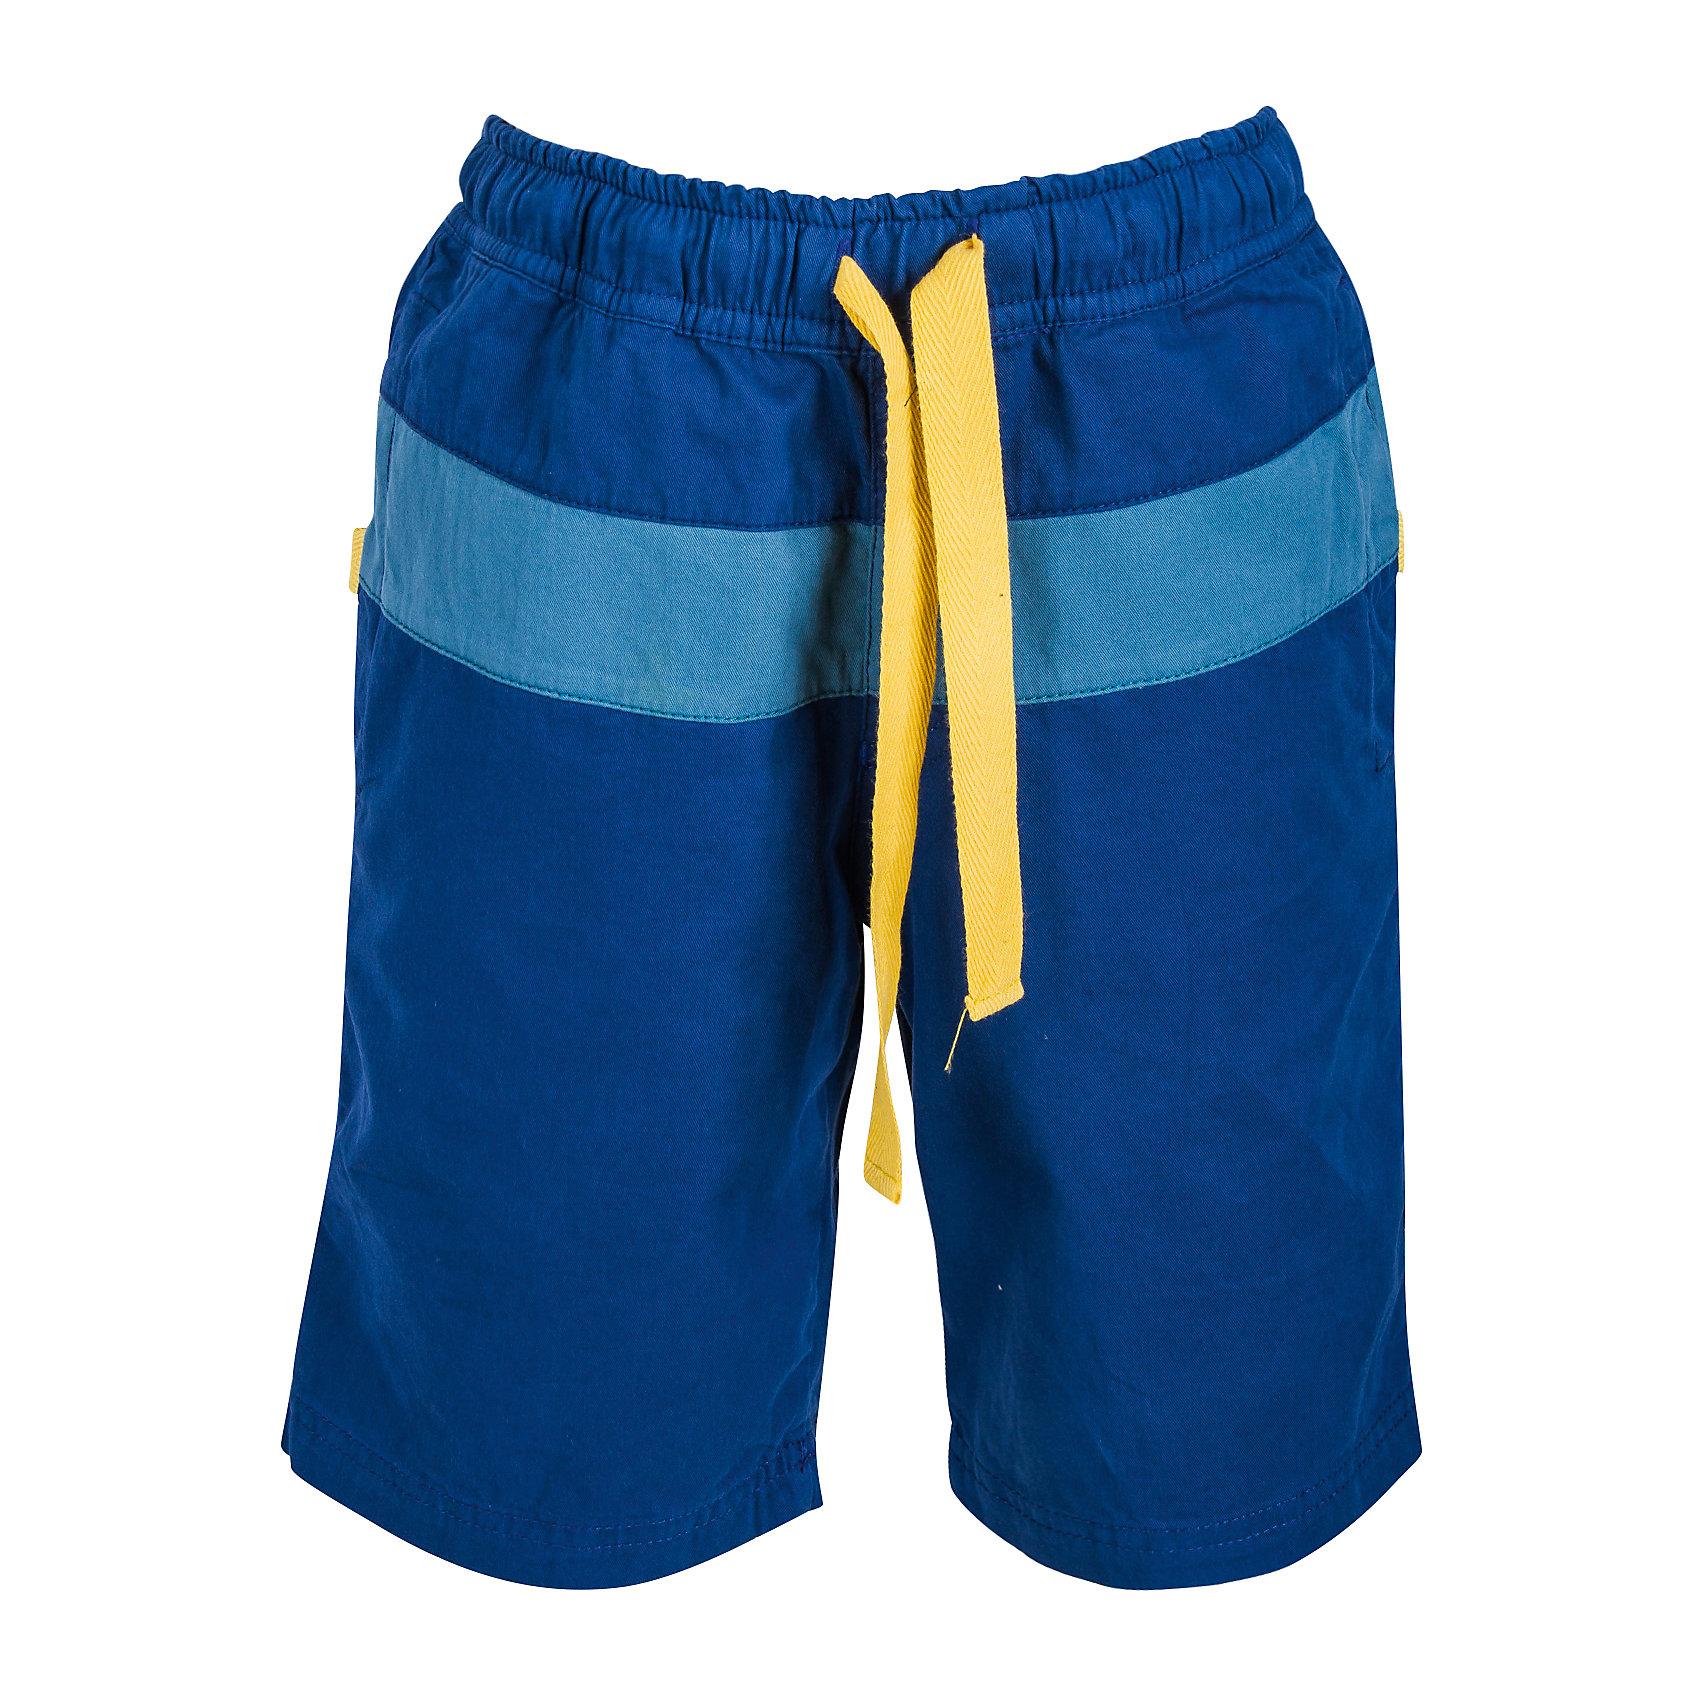 Шорты для мальчика Bell BimboШорты, бриджи, капри<br>Однотонные шорты с контрастной вставкой с двух сторон, один боковой карман, один накладной карман на липучке сзади, пояс на резинке + регулятор-шнурок. Состав: Твил 100% хлопок<br><br>Ширина мм: 191<br>Глубина мм: 10<br>Высота мм: 175<br>Вес г: 273<br>Цвет: синий<br>Возраст от месяцев: 24<br>Возраст до месяцев: 36<br>Пол: Мужской<br>Возраст: Детский<br>Размер: 98,110,104,122,116<br>SKU: 4645462